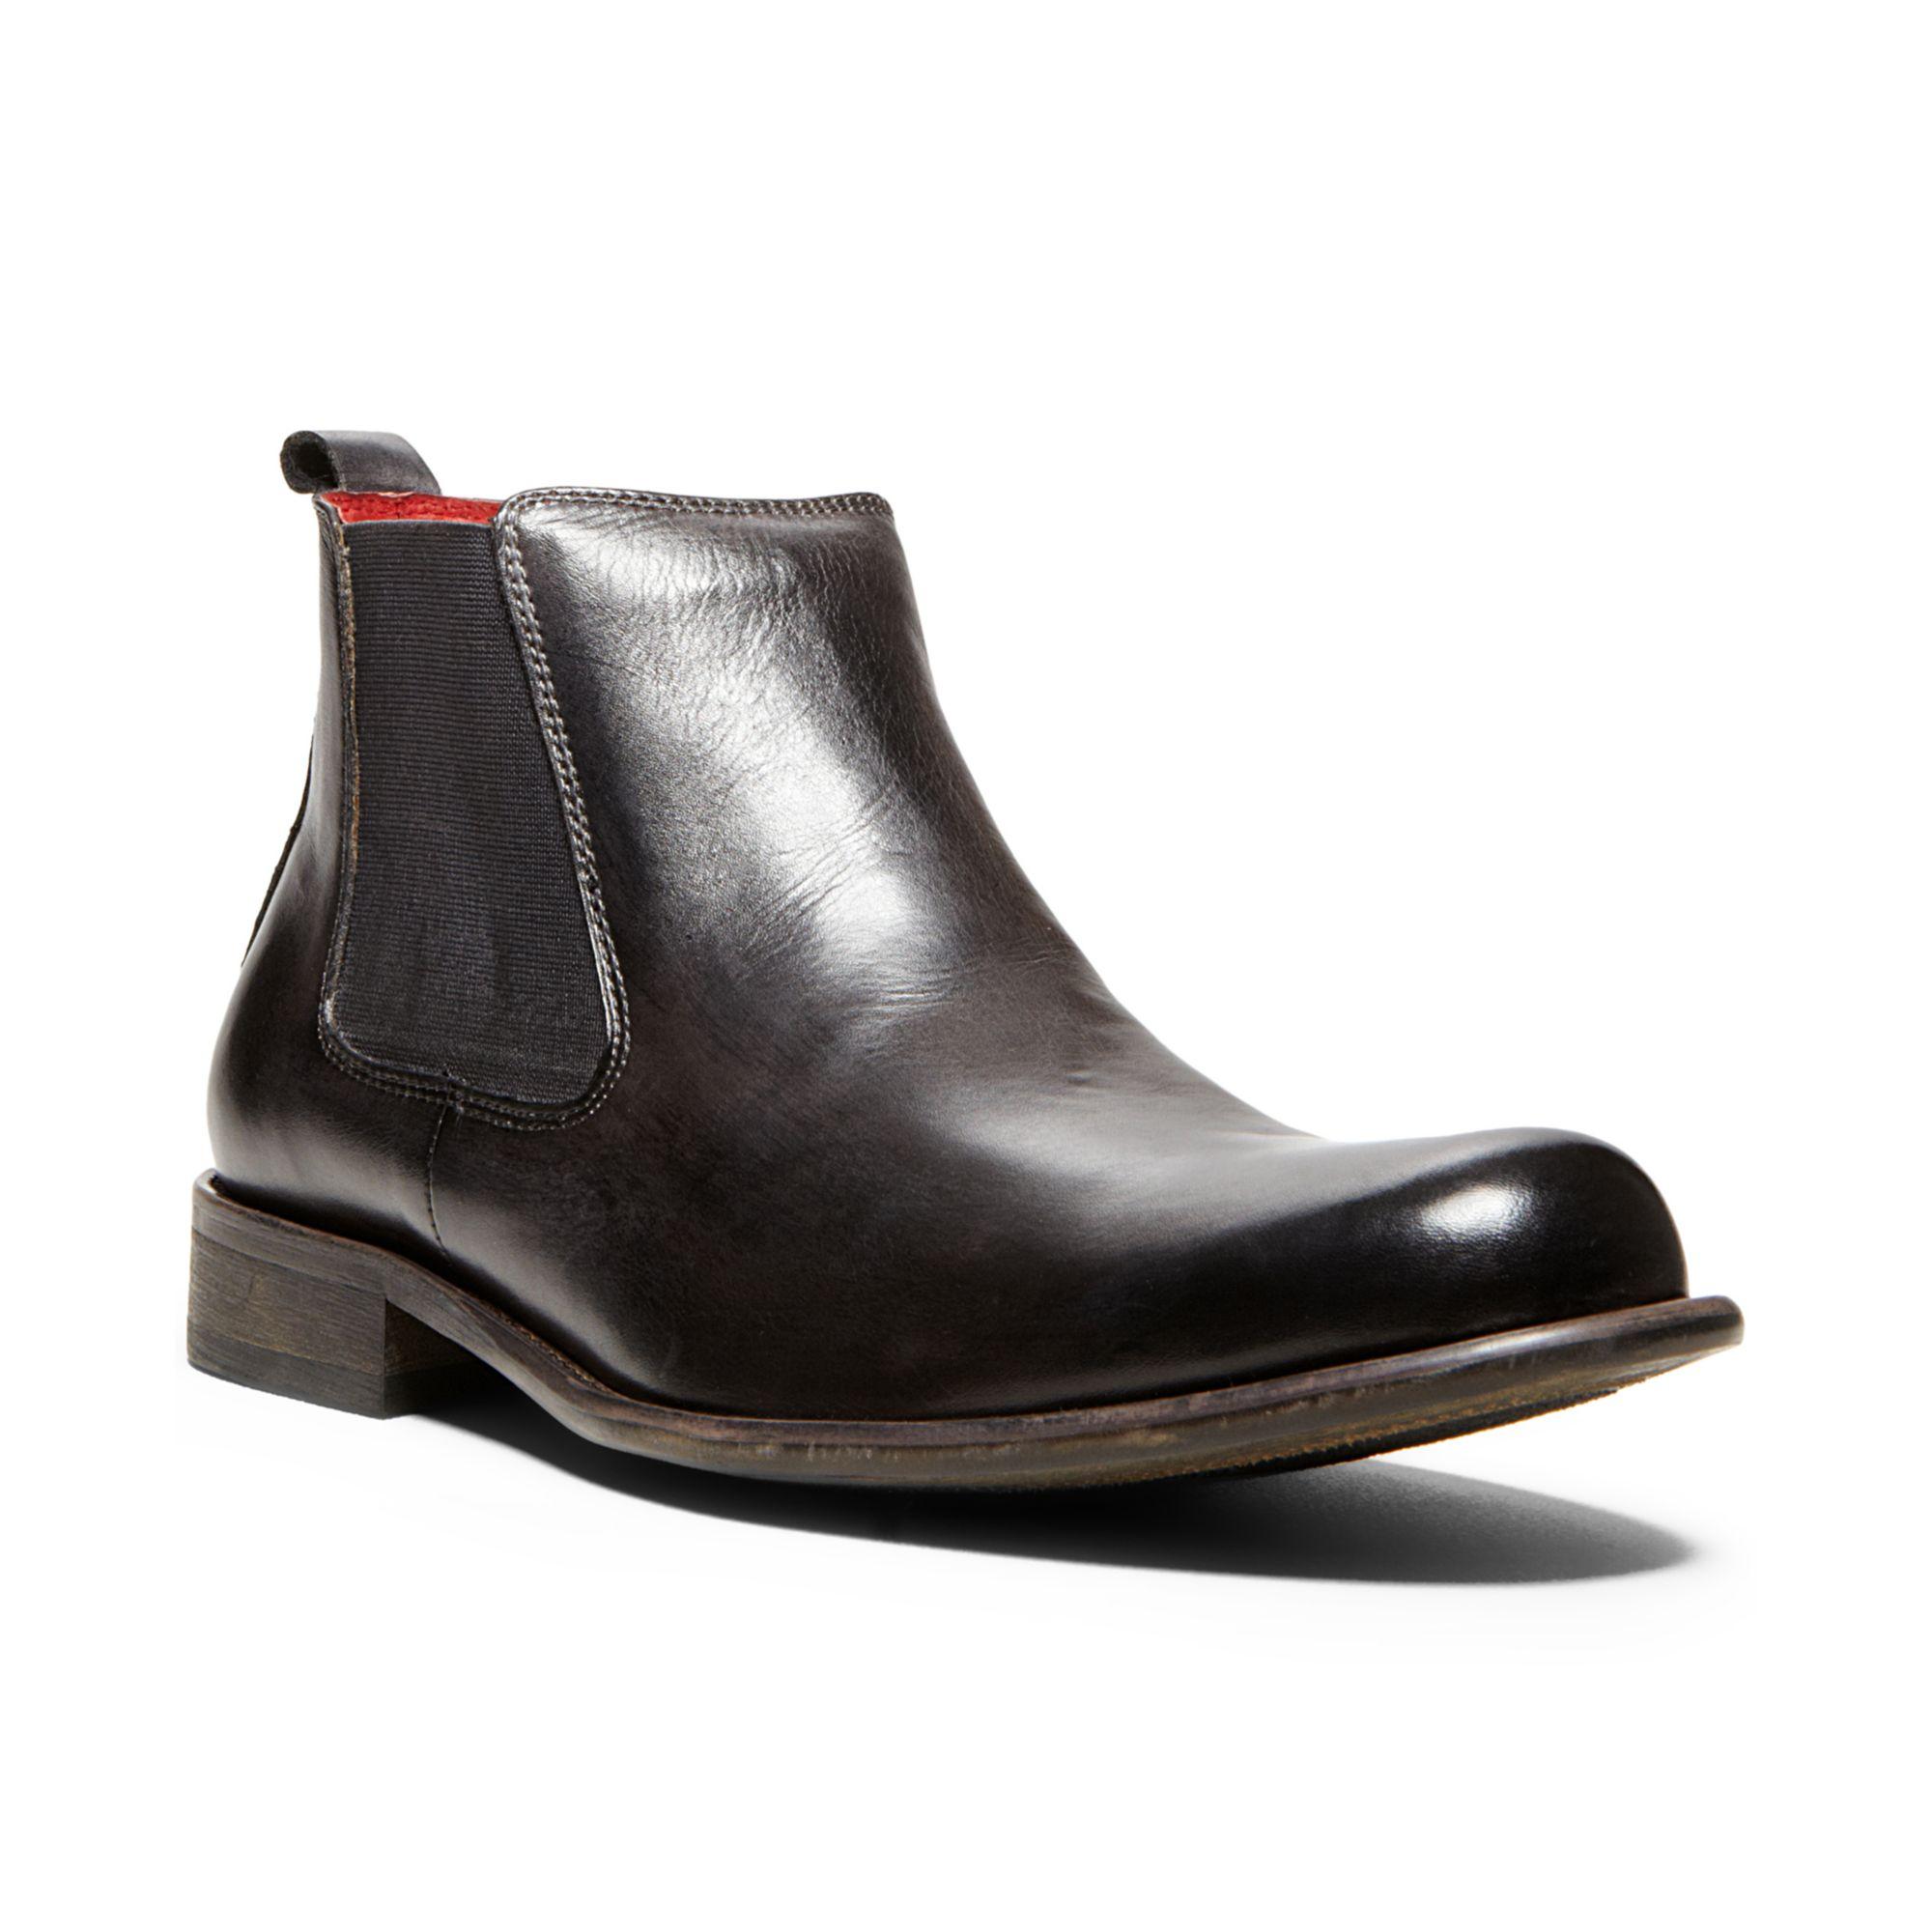 steve madden bedfordd boots in black for men grey lyst. Black Bedroom Furniture Sets. Home Design Ideas